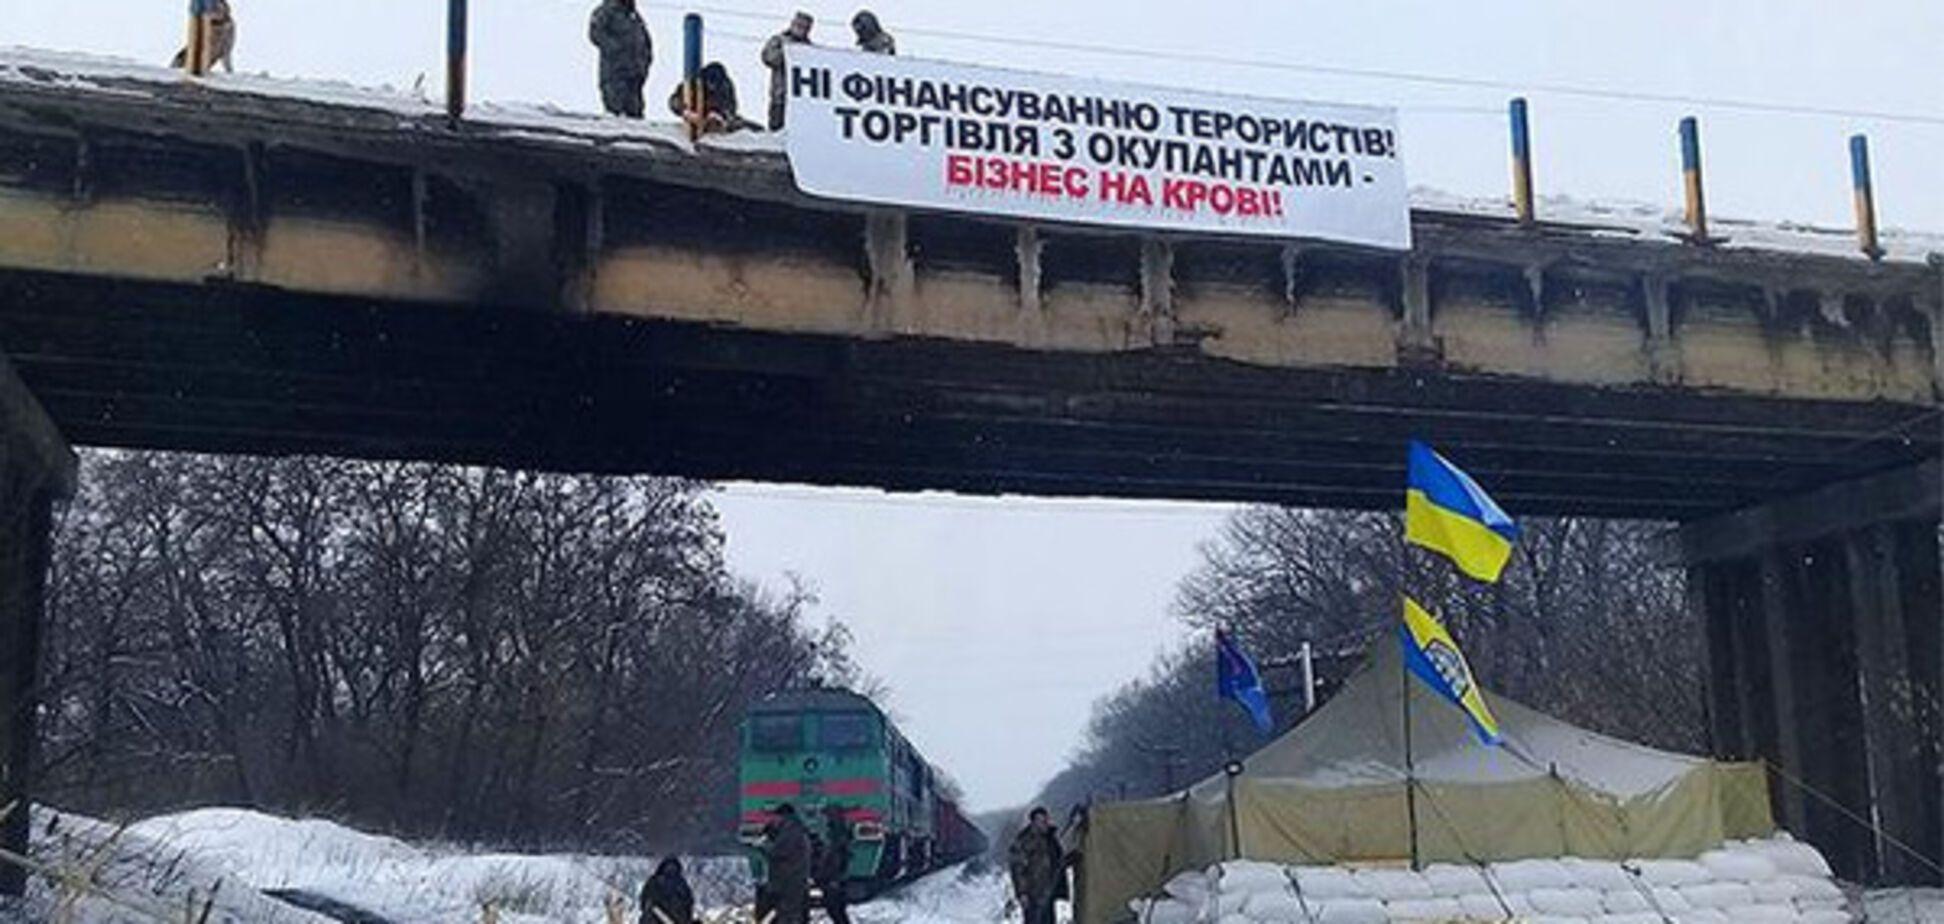 Из-за блокады Донбасса Украине придется импортировать электроэнергию из РФ – глава 'Укрэнерго'